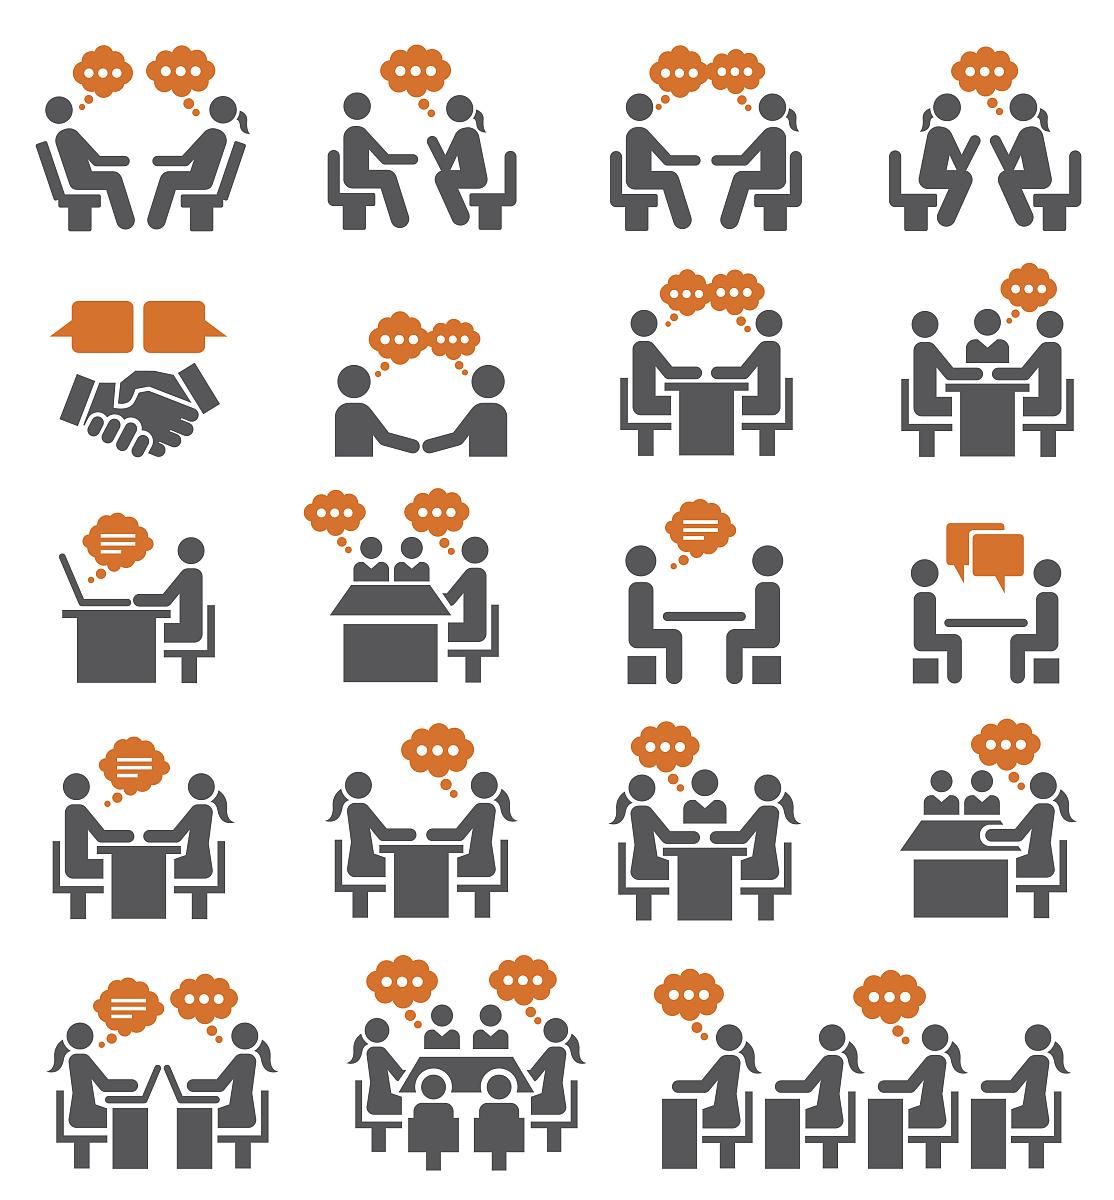 会议的图标集图片